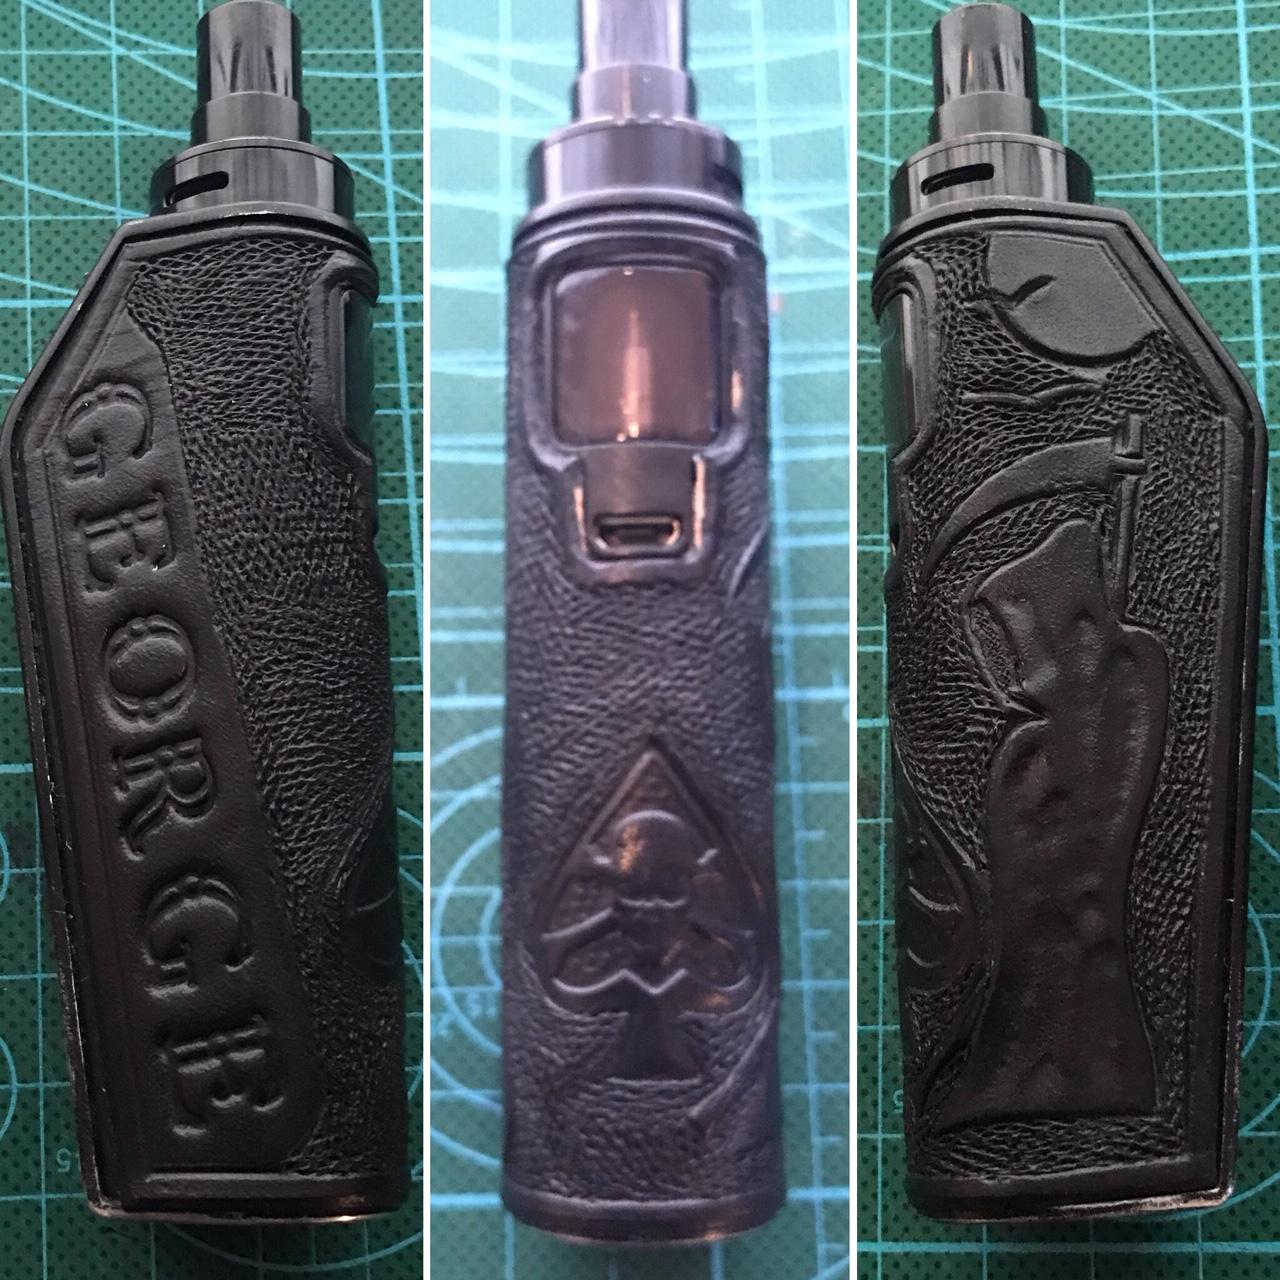 AAA5DA08-DCC8-48E7-A62E-72F579D42B65